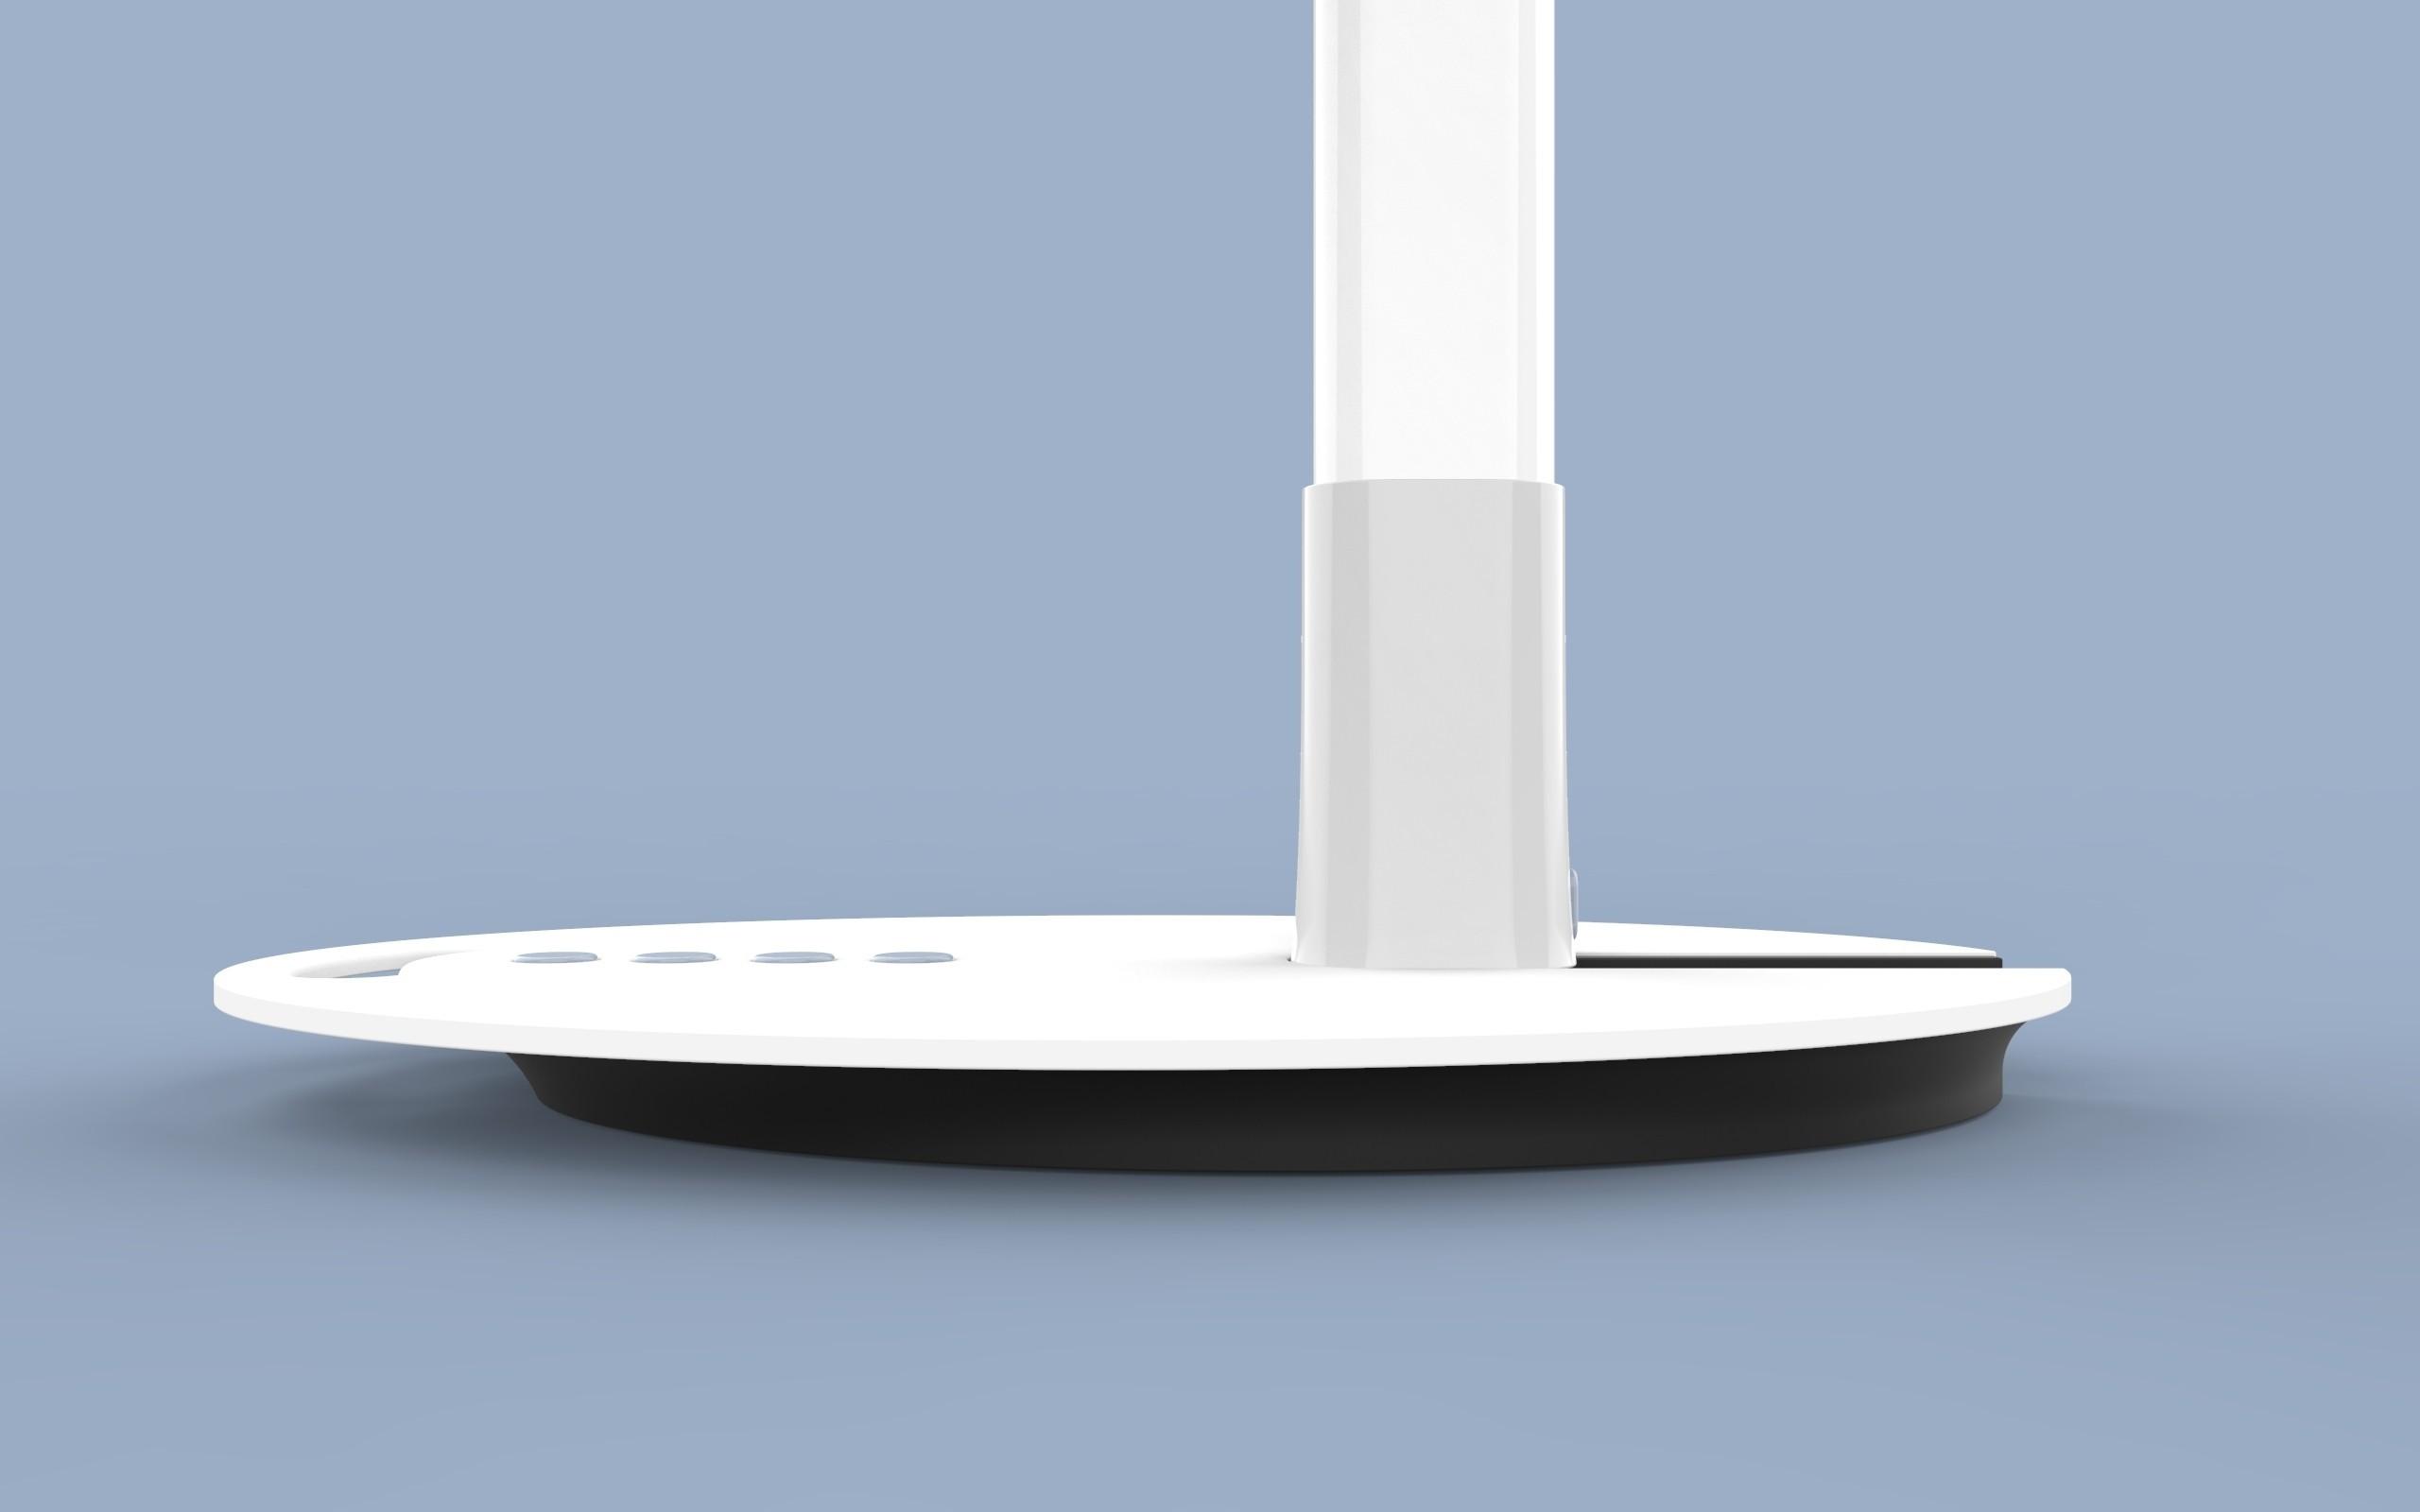 ff.340.jpg Download STL file Folding Table Fan • 3D printer object, Dekro